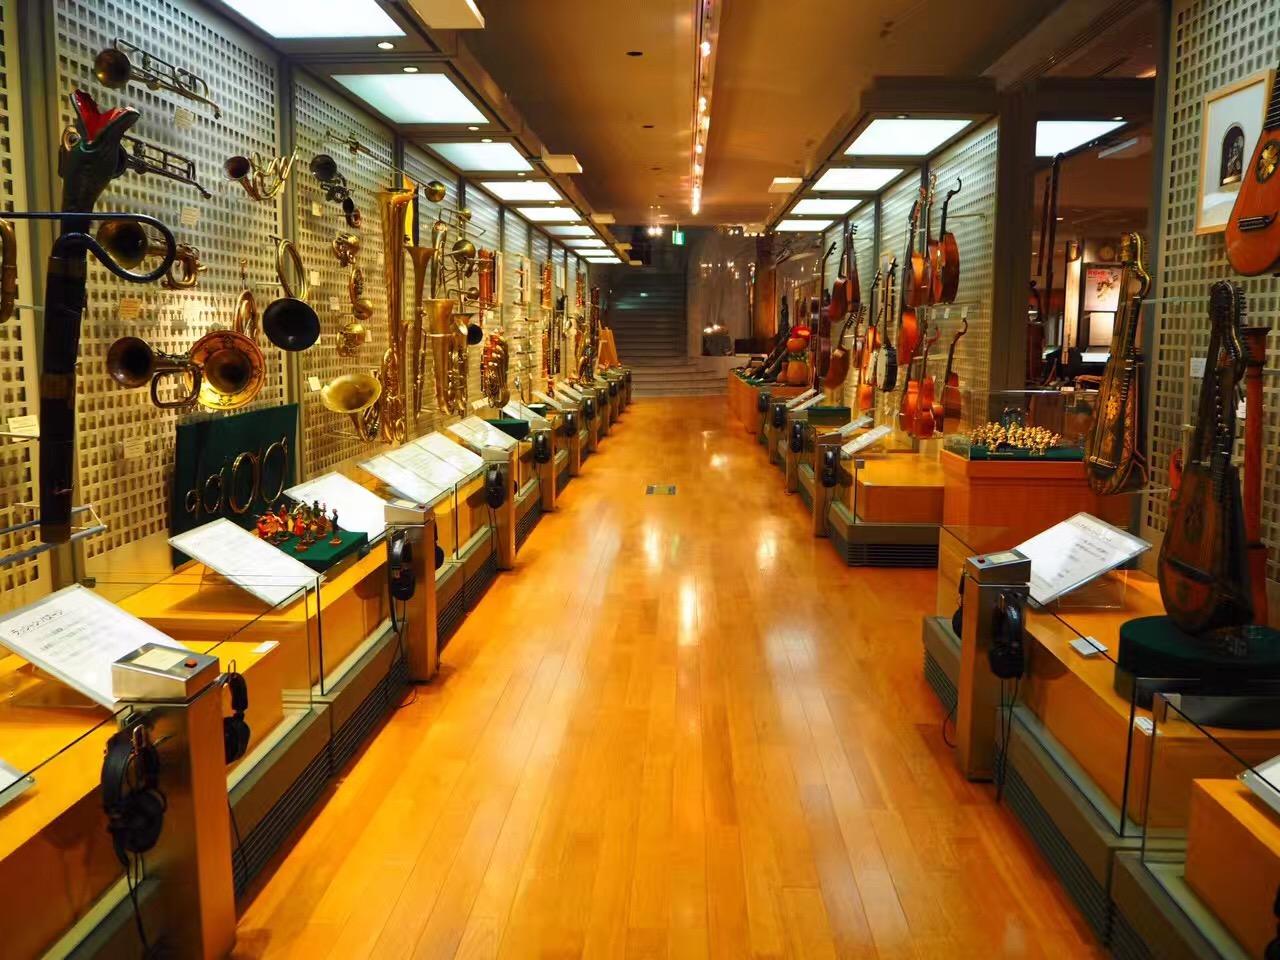 見るだけじゃない!実際に触れて、音色も楽しめる「浜松市楽器博物館」 - 2ac681efcfab8de29c7d6ac9cb78b97b